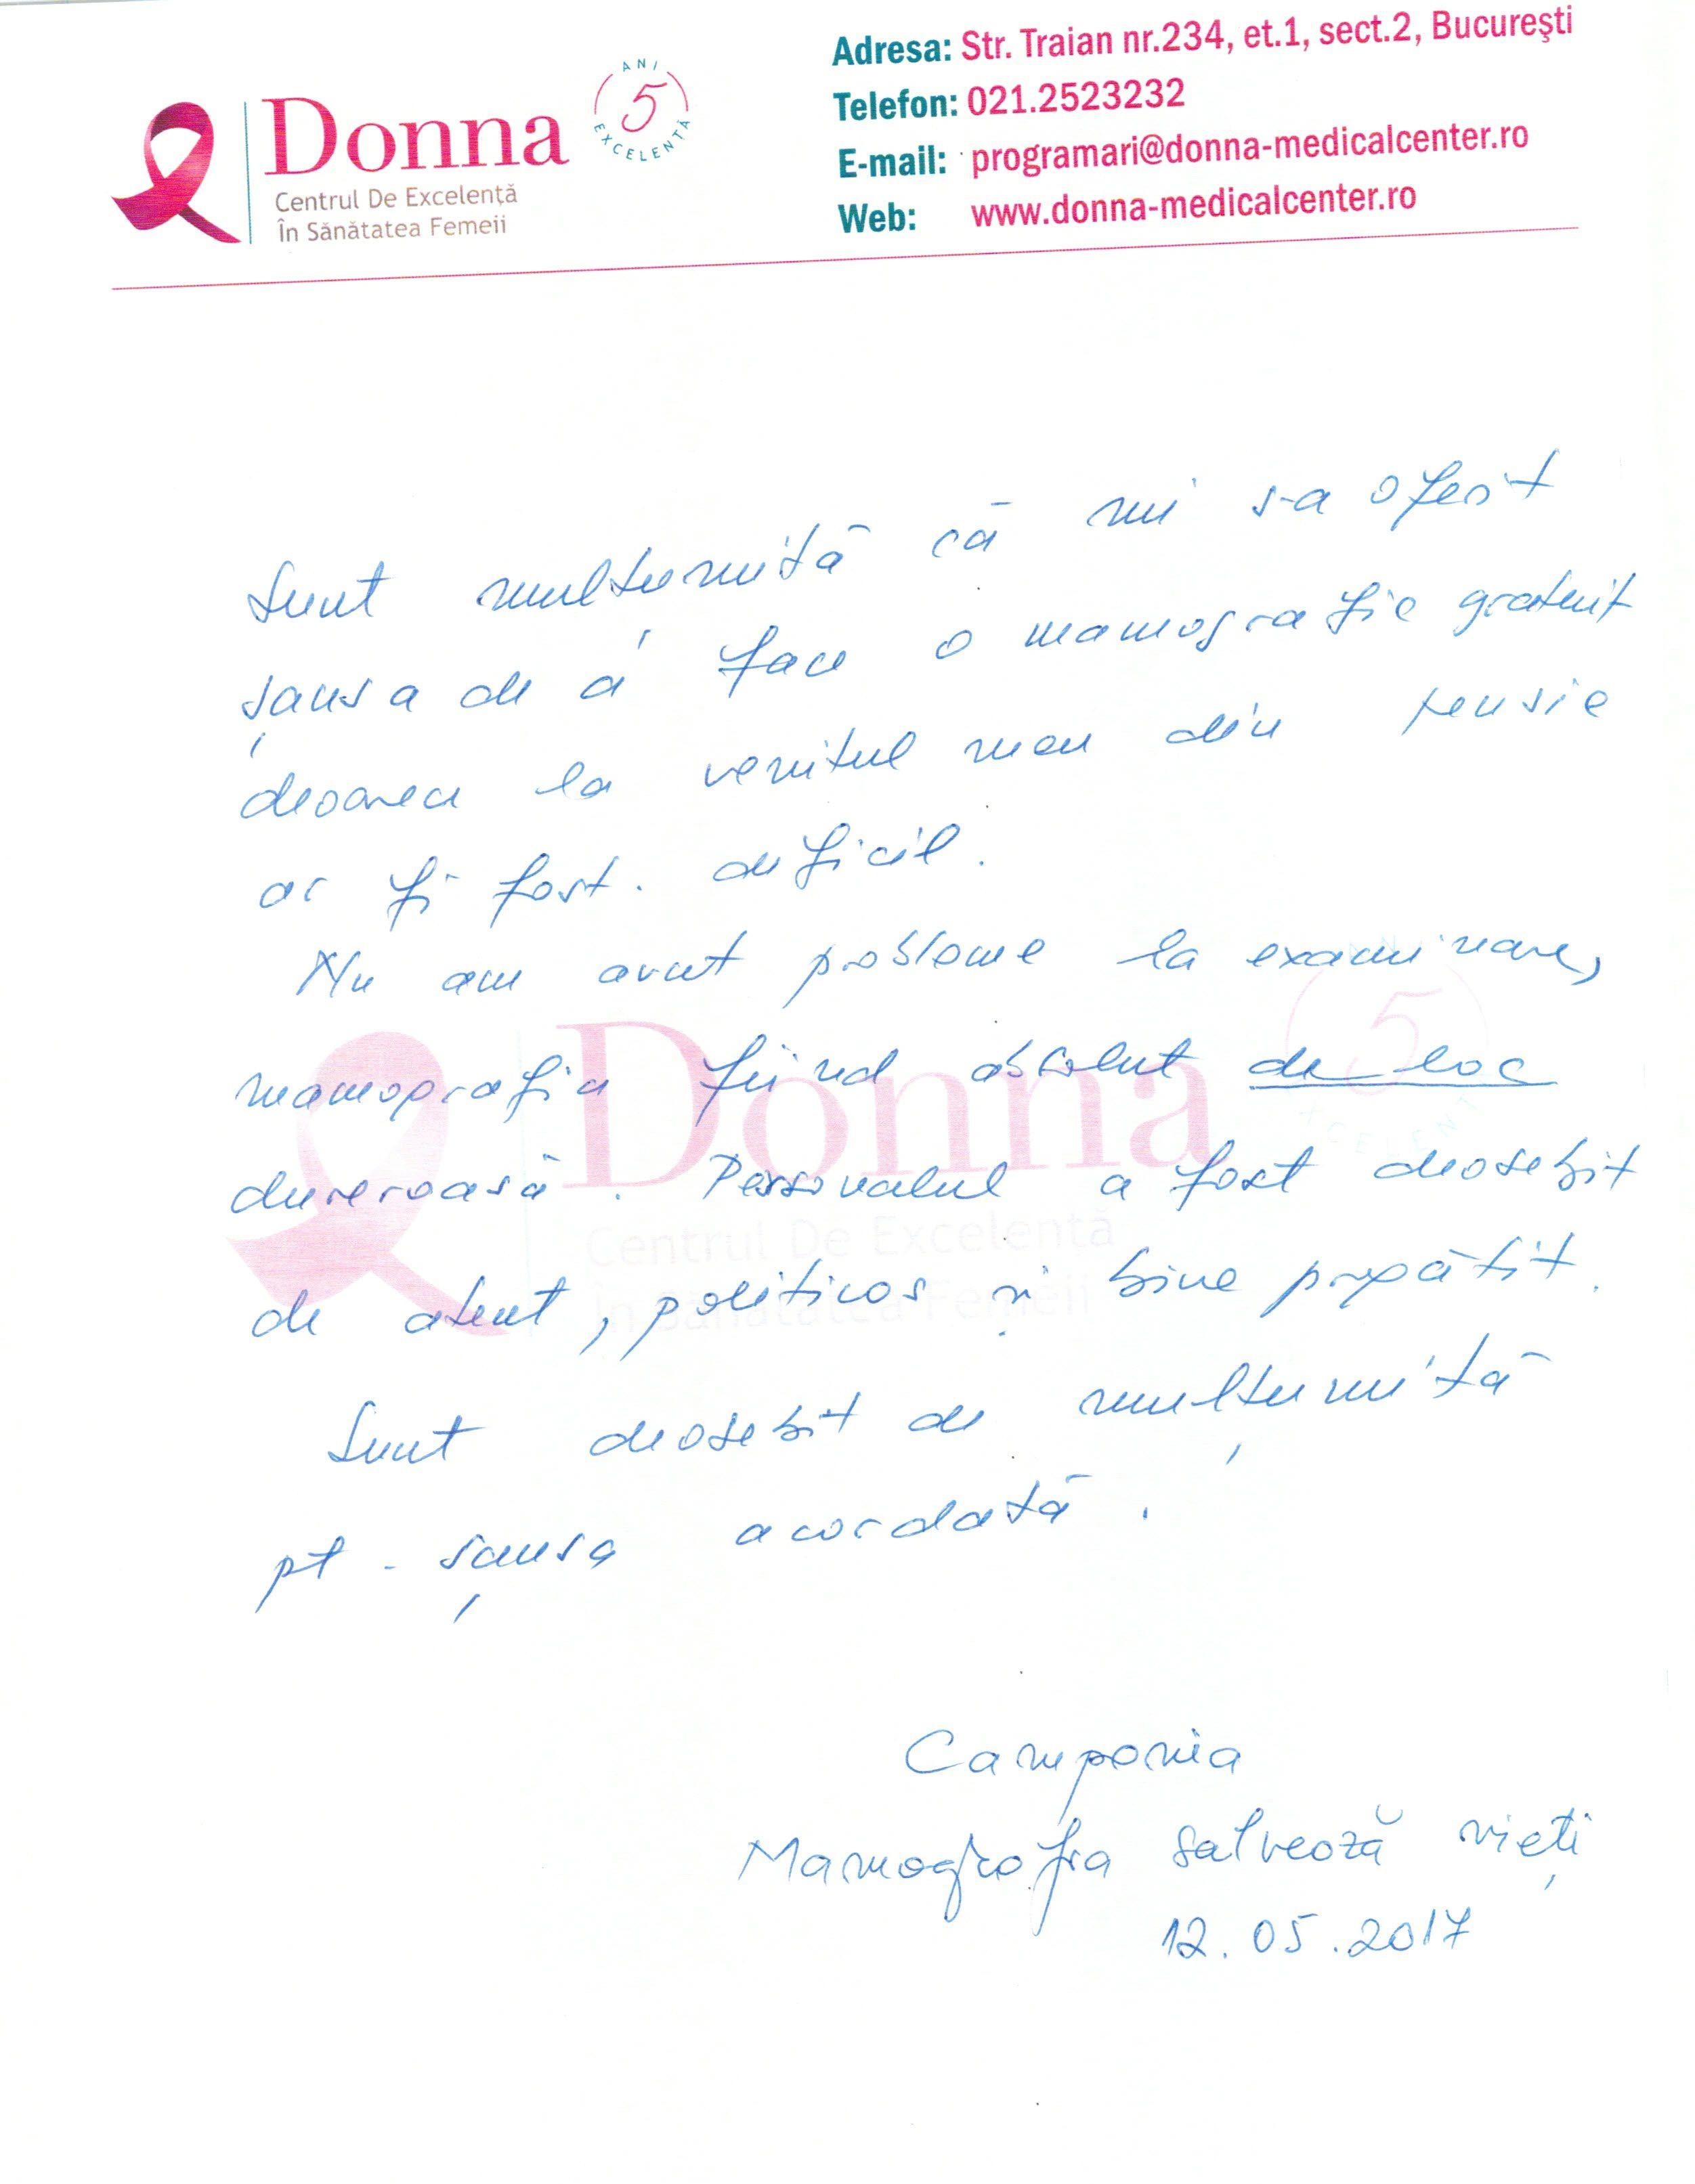 Z.G. - Campania MSV, 12.05.2017